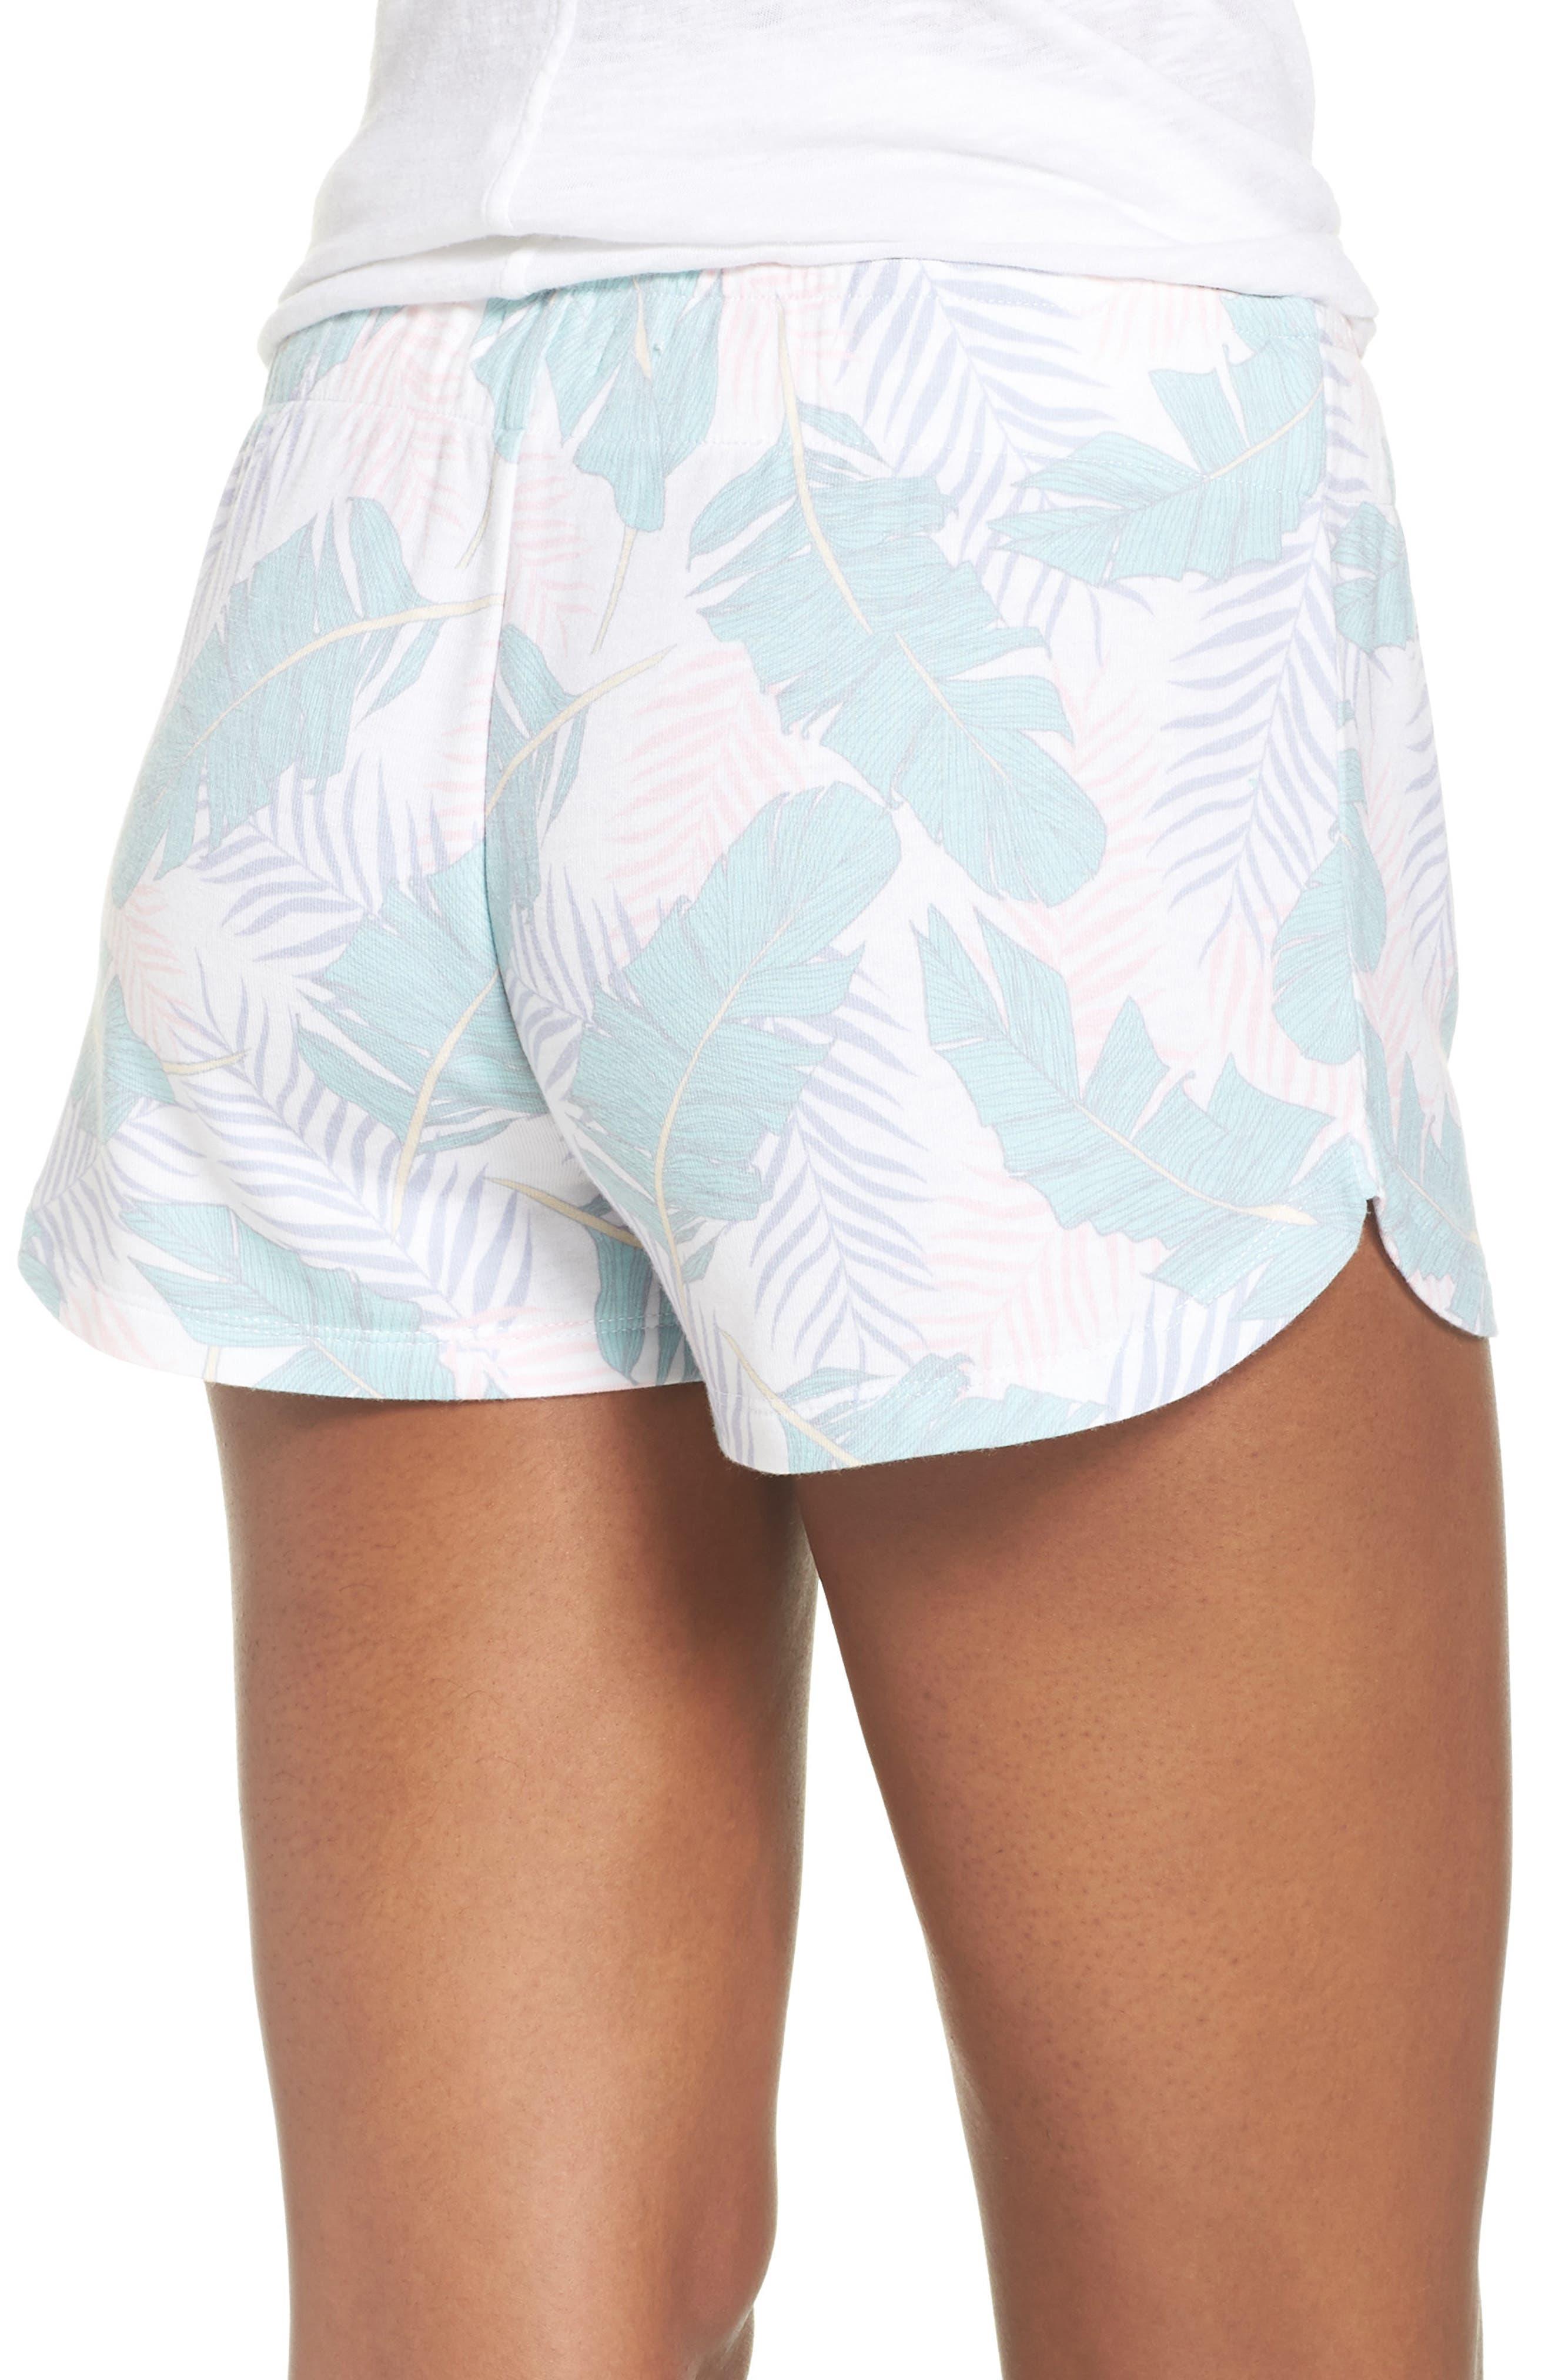 Lounge Shorts,                             Alternate thumbnail 2, color,                             White